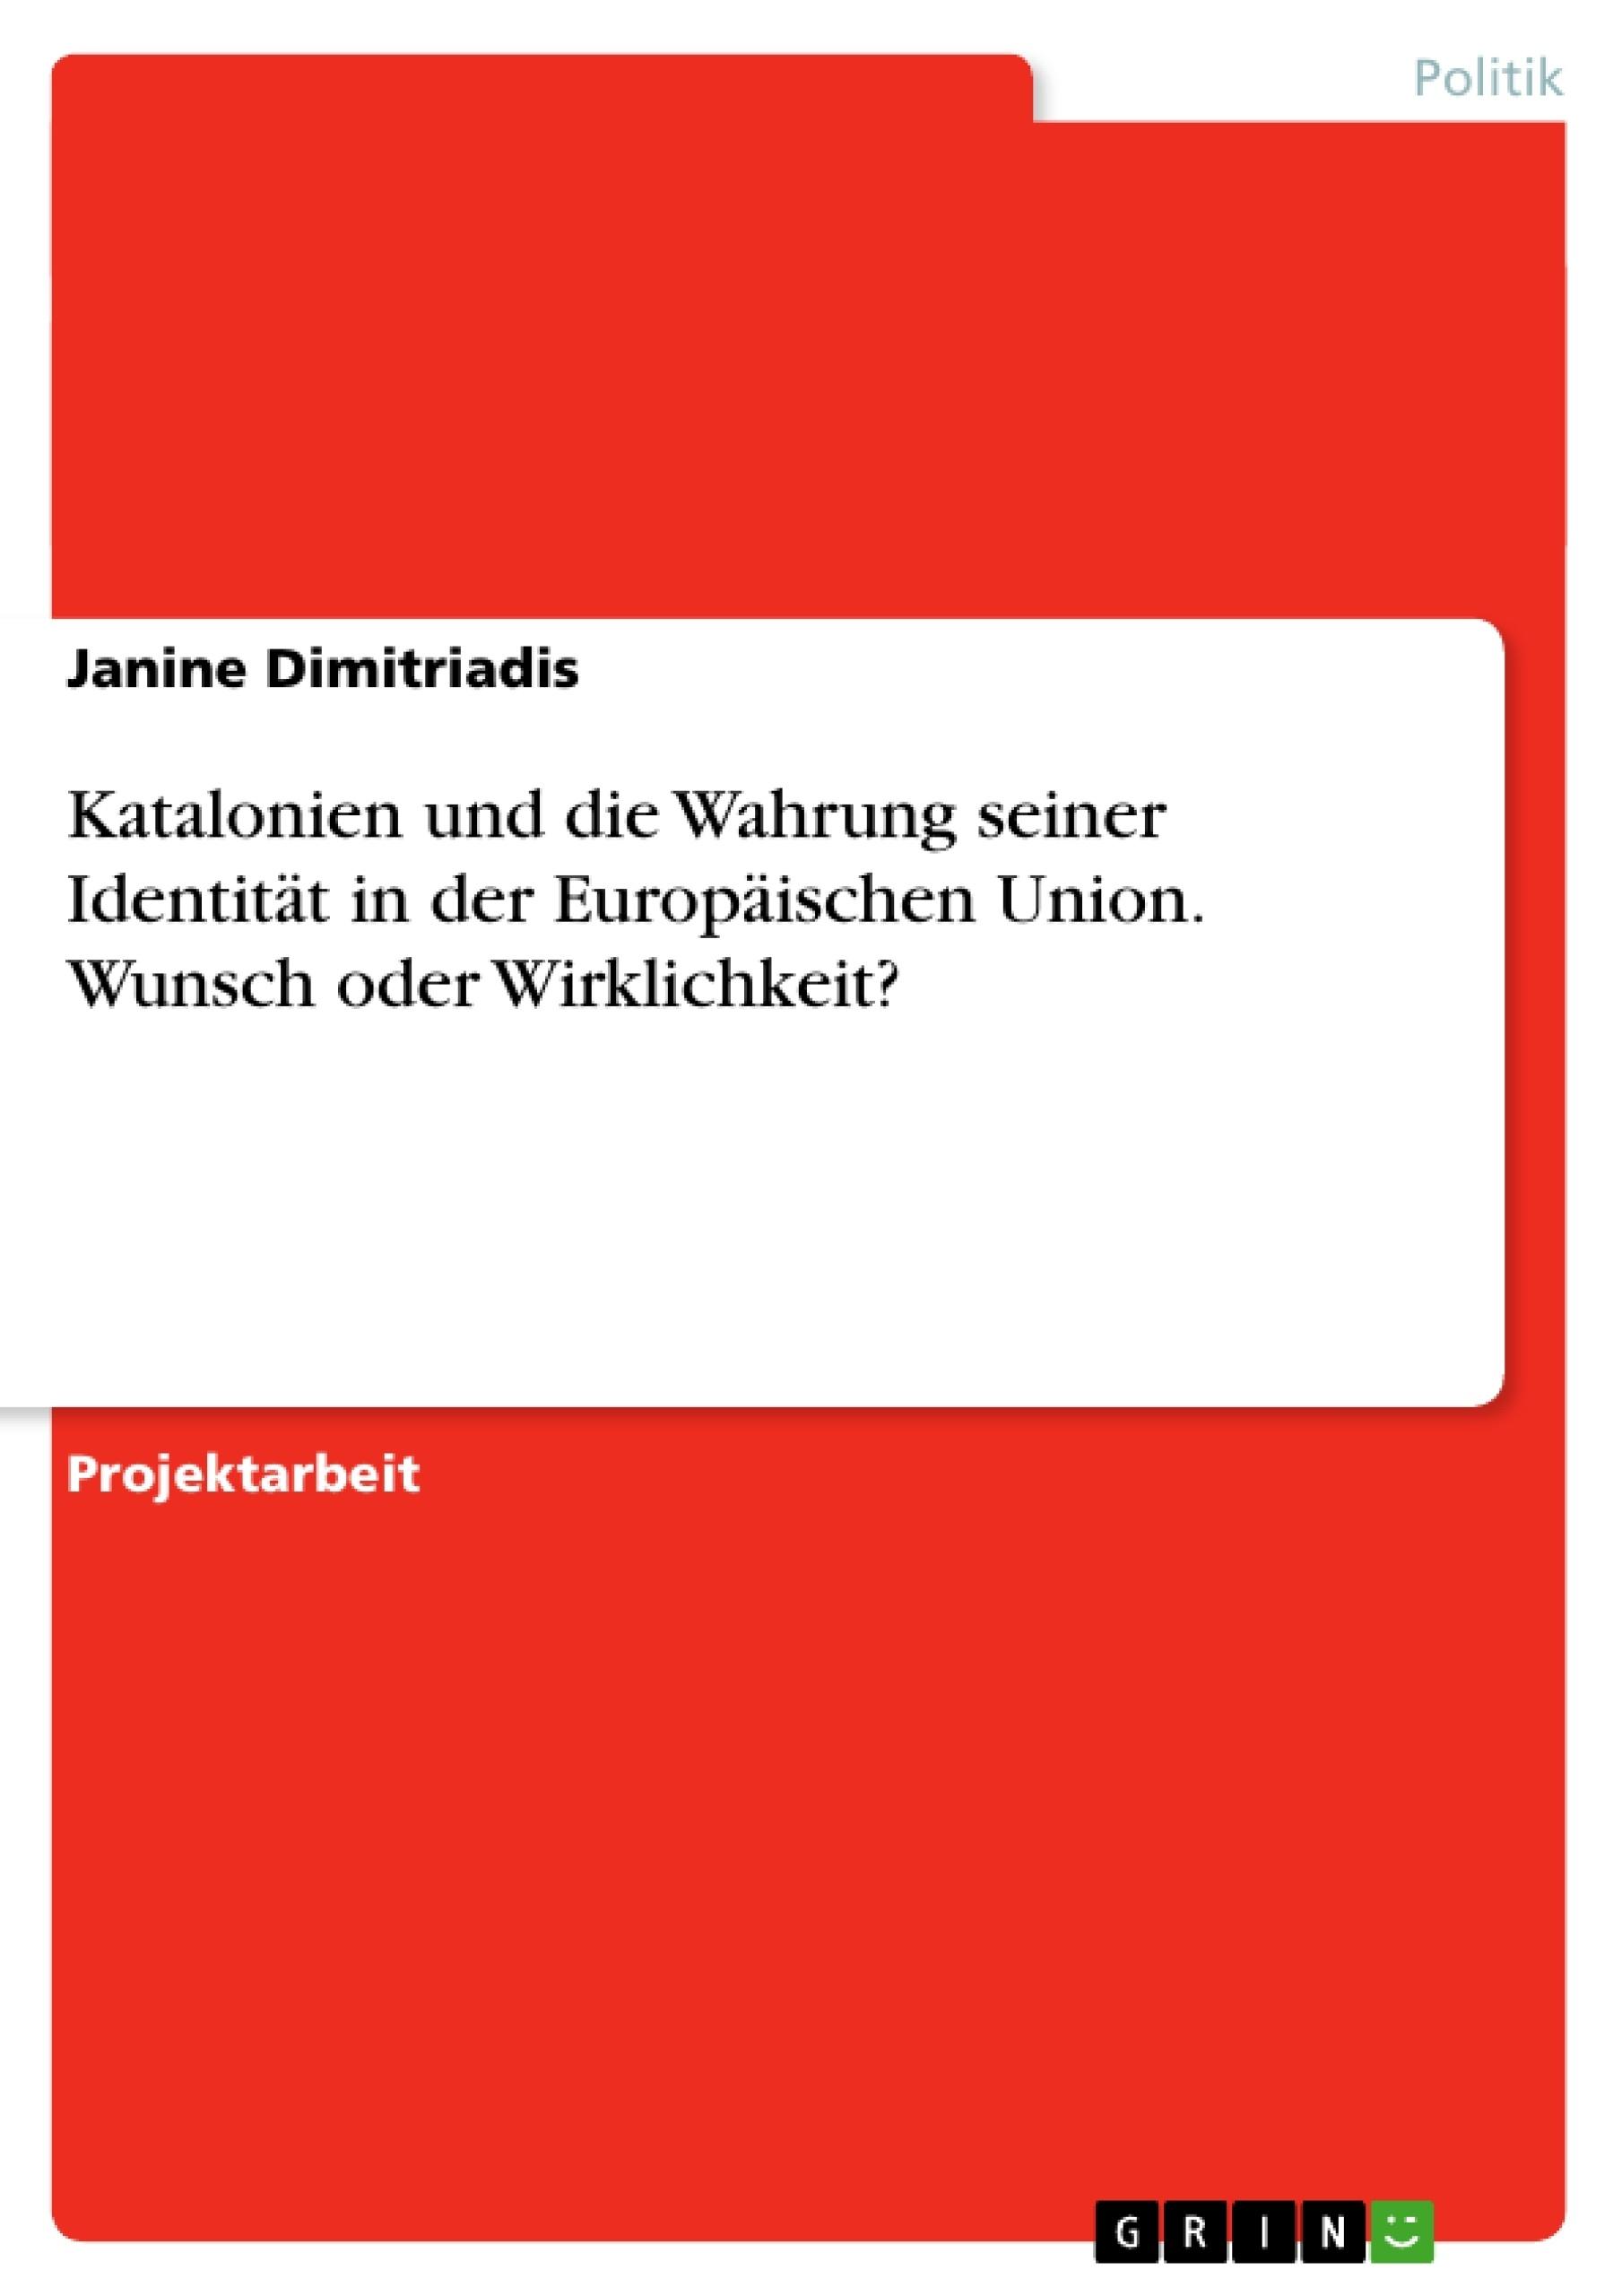 Titel: Katalonien und die Wahrung seiner Identität in der Europäischen Union. Wunsch oder Wirklichkeit?